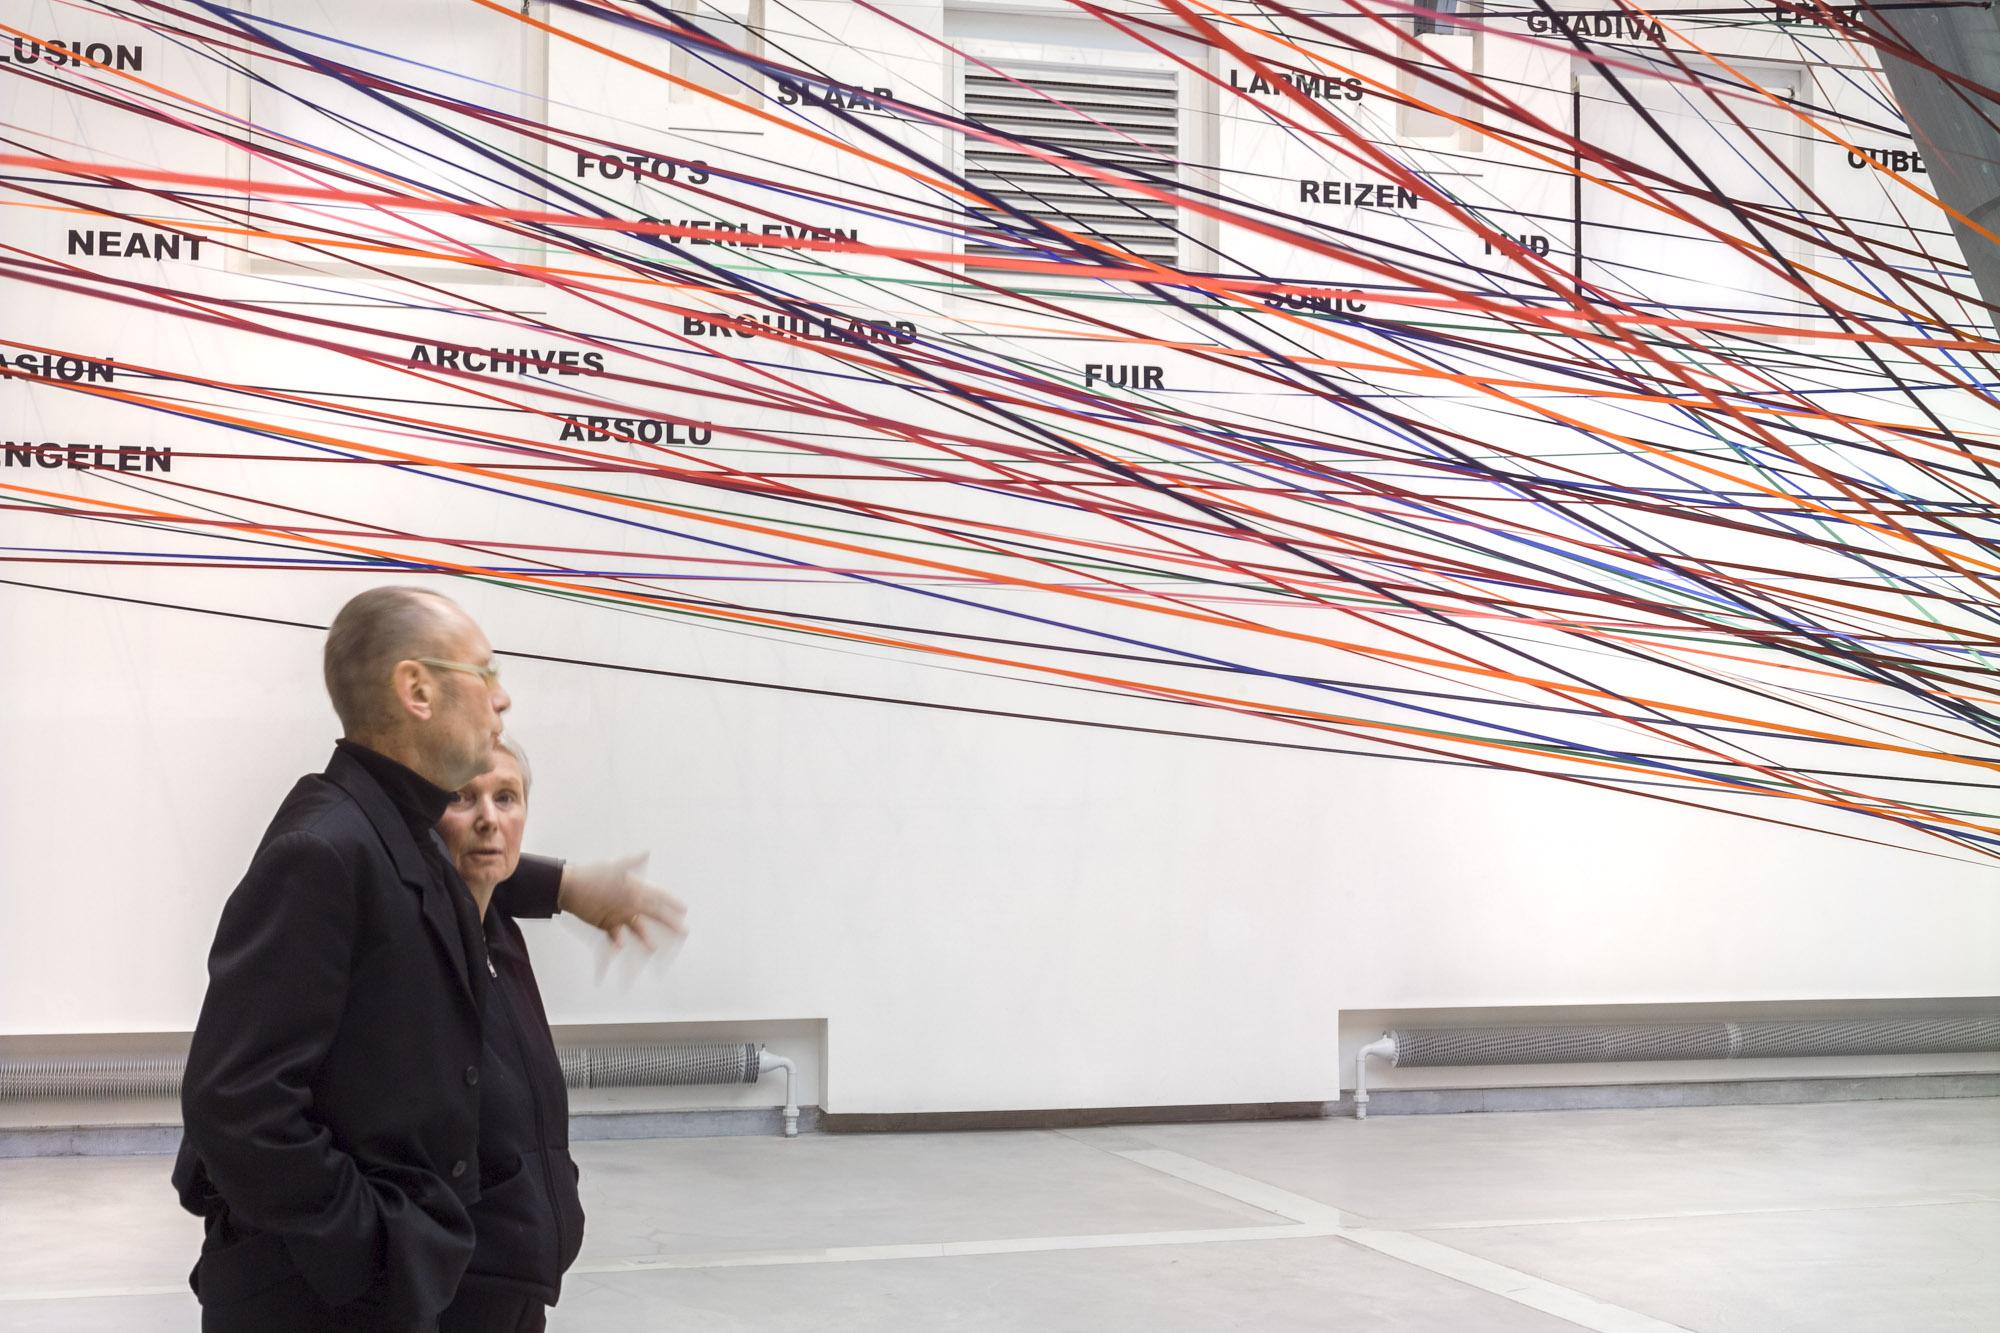 Exposition Anne et Patrick Poirier, La Verrière, Fondation d'entreprise Hermès, 2004